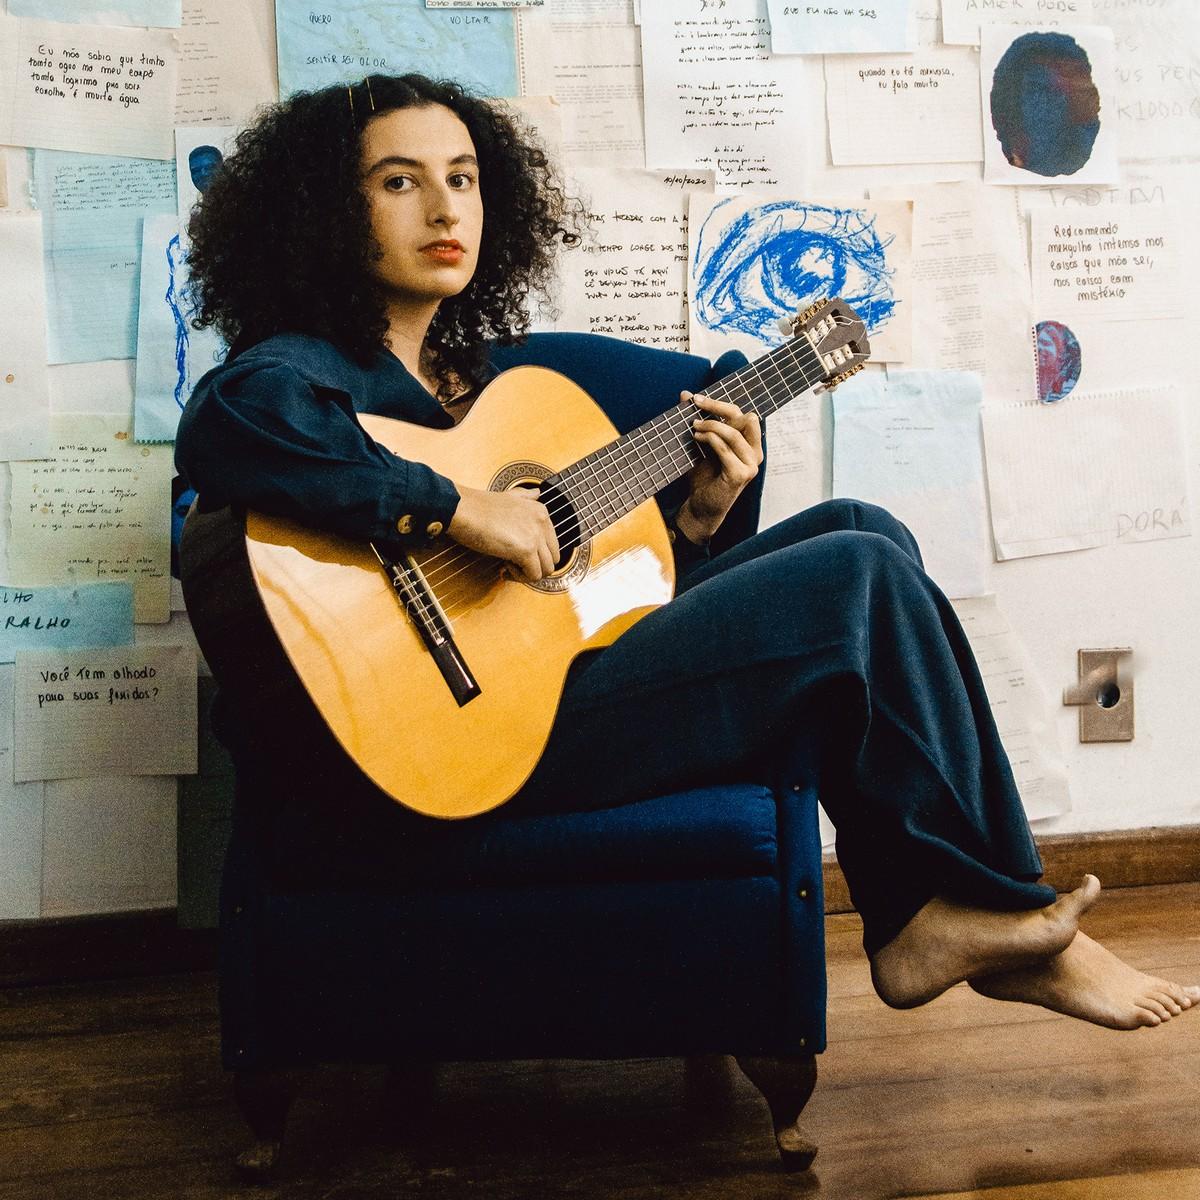 Dora Morelenbaum debuta solo em disco com a marca sonora do pai, Jaques Morelenbaum | Blog do Mauro Ferreira